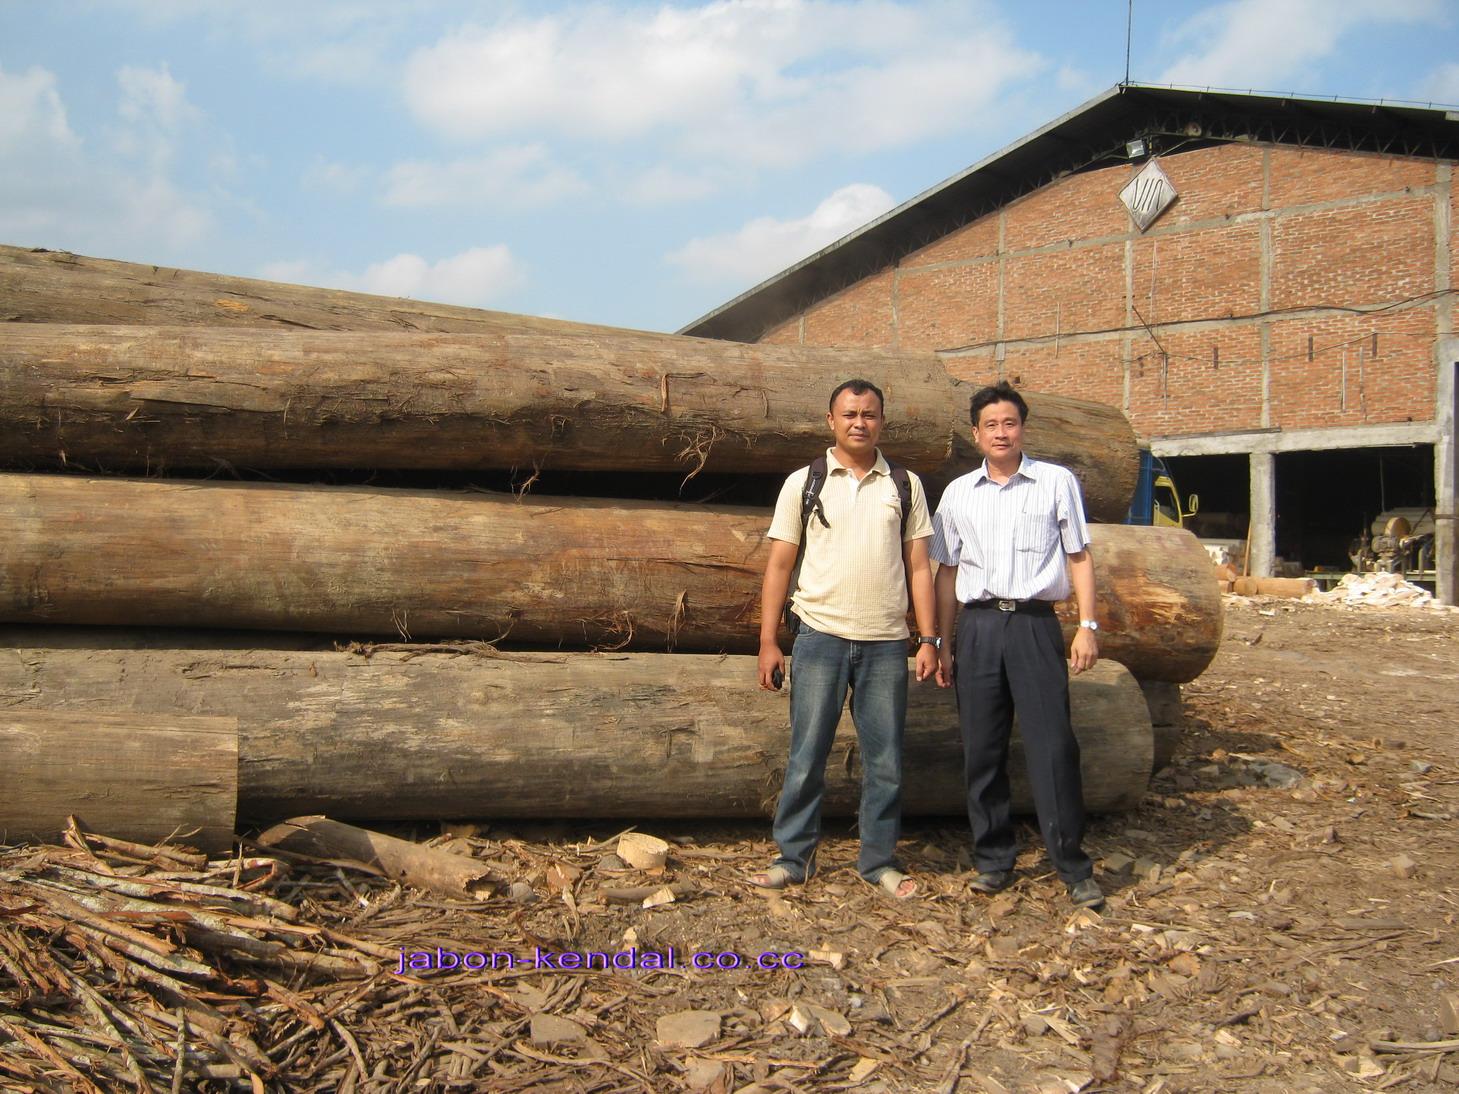 bersama direktur pt sekawan sumber sejahtera,bp krishnadi pryana.perusahaan pengolahan kayu jabon di temanggung